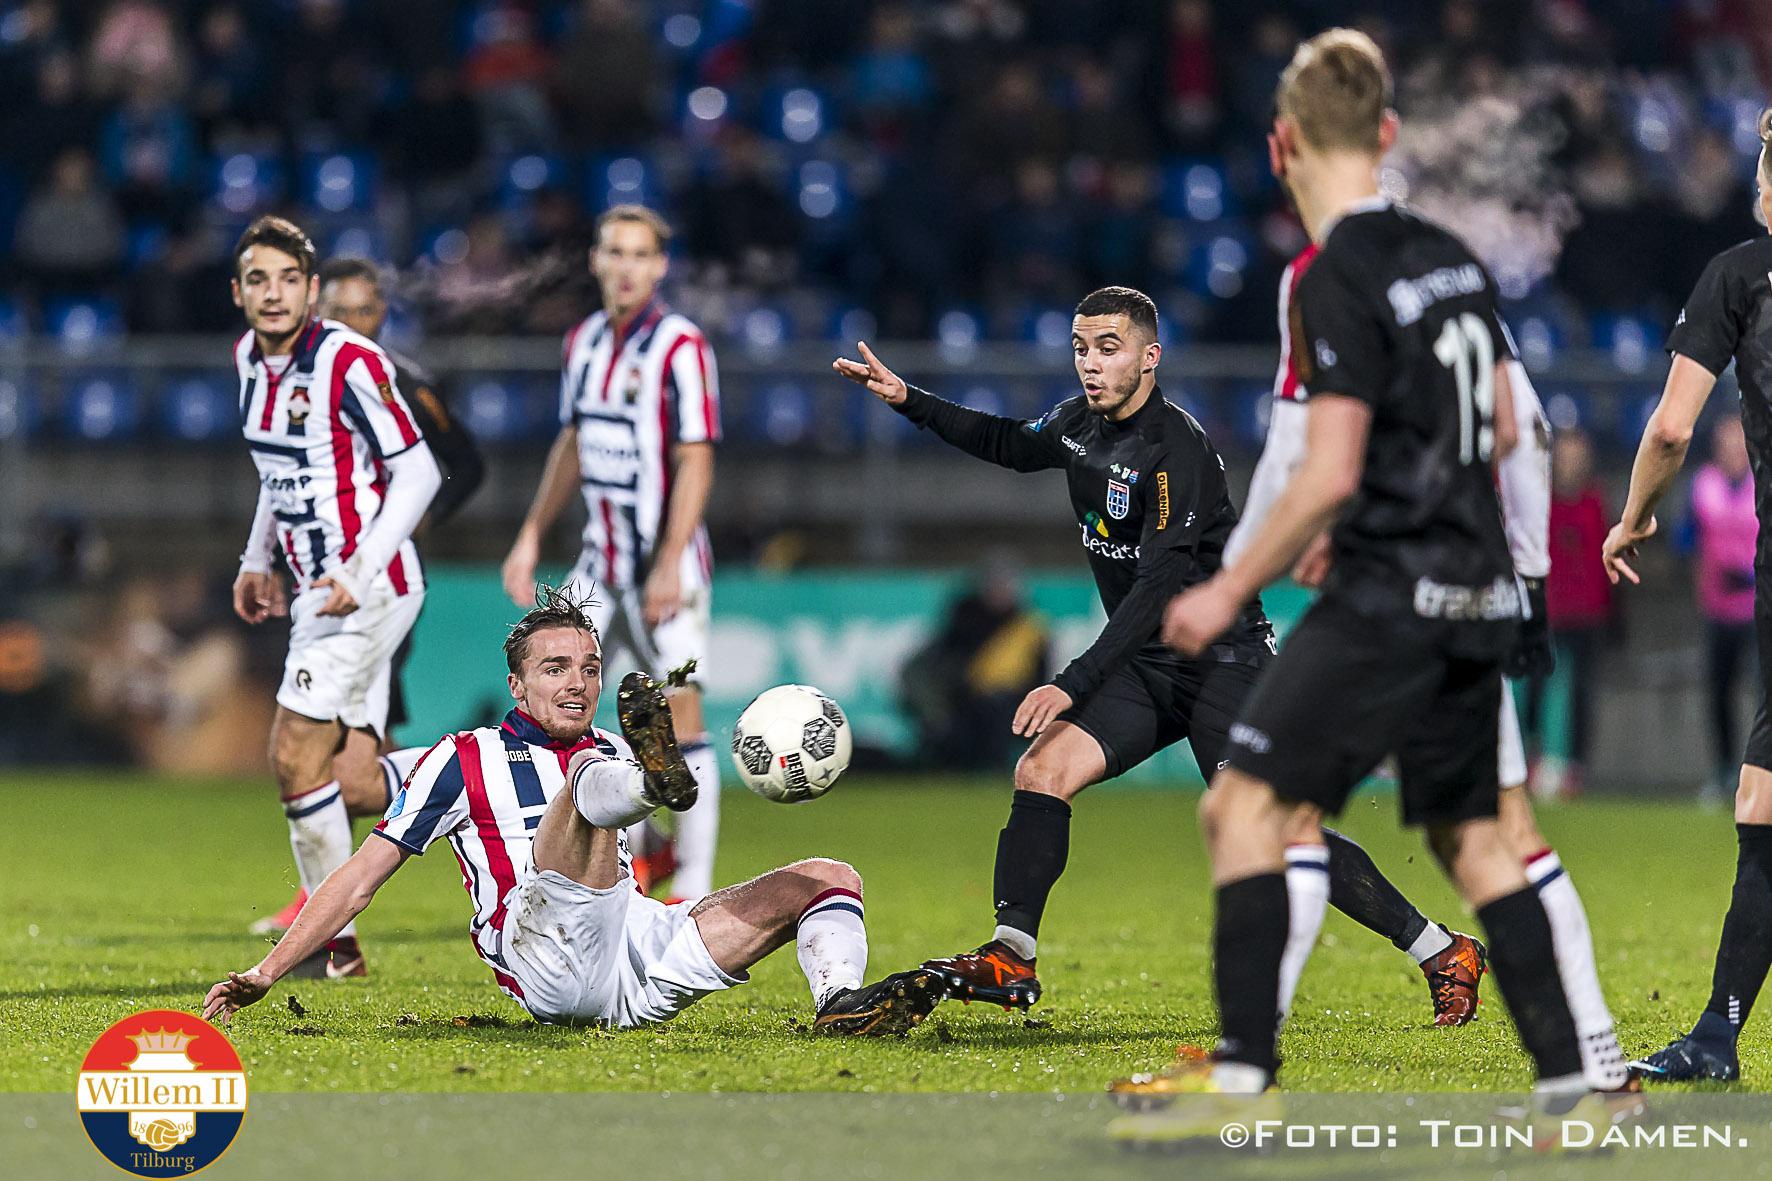 TILBURG - Willem II - PEC Zwolle 2-3, koning Willem II stadion, 16-12-2017. Voetbal, eredivisie voetbal seizoen 2017-2018. Willem II speler Ben Rienstra  onderschept bal.